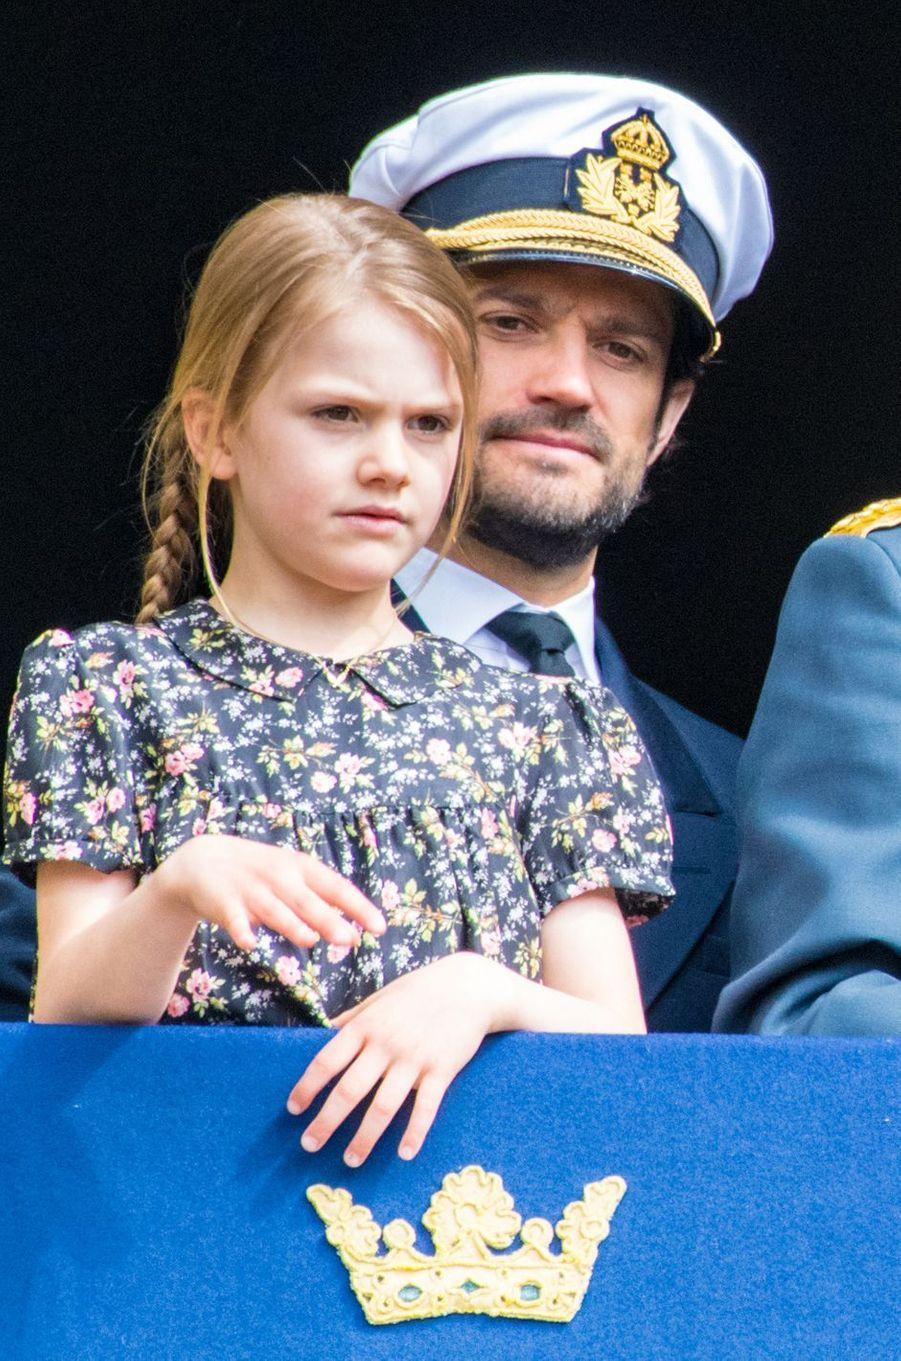 La princesse Estelle et le prince Carl Philip de Suède à Stockholm, le 30 avril 2019